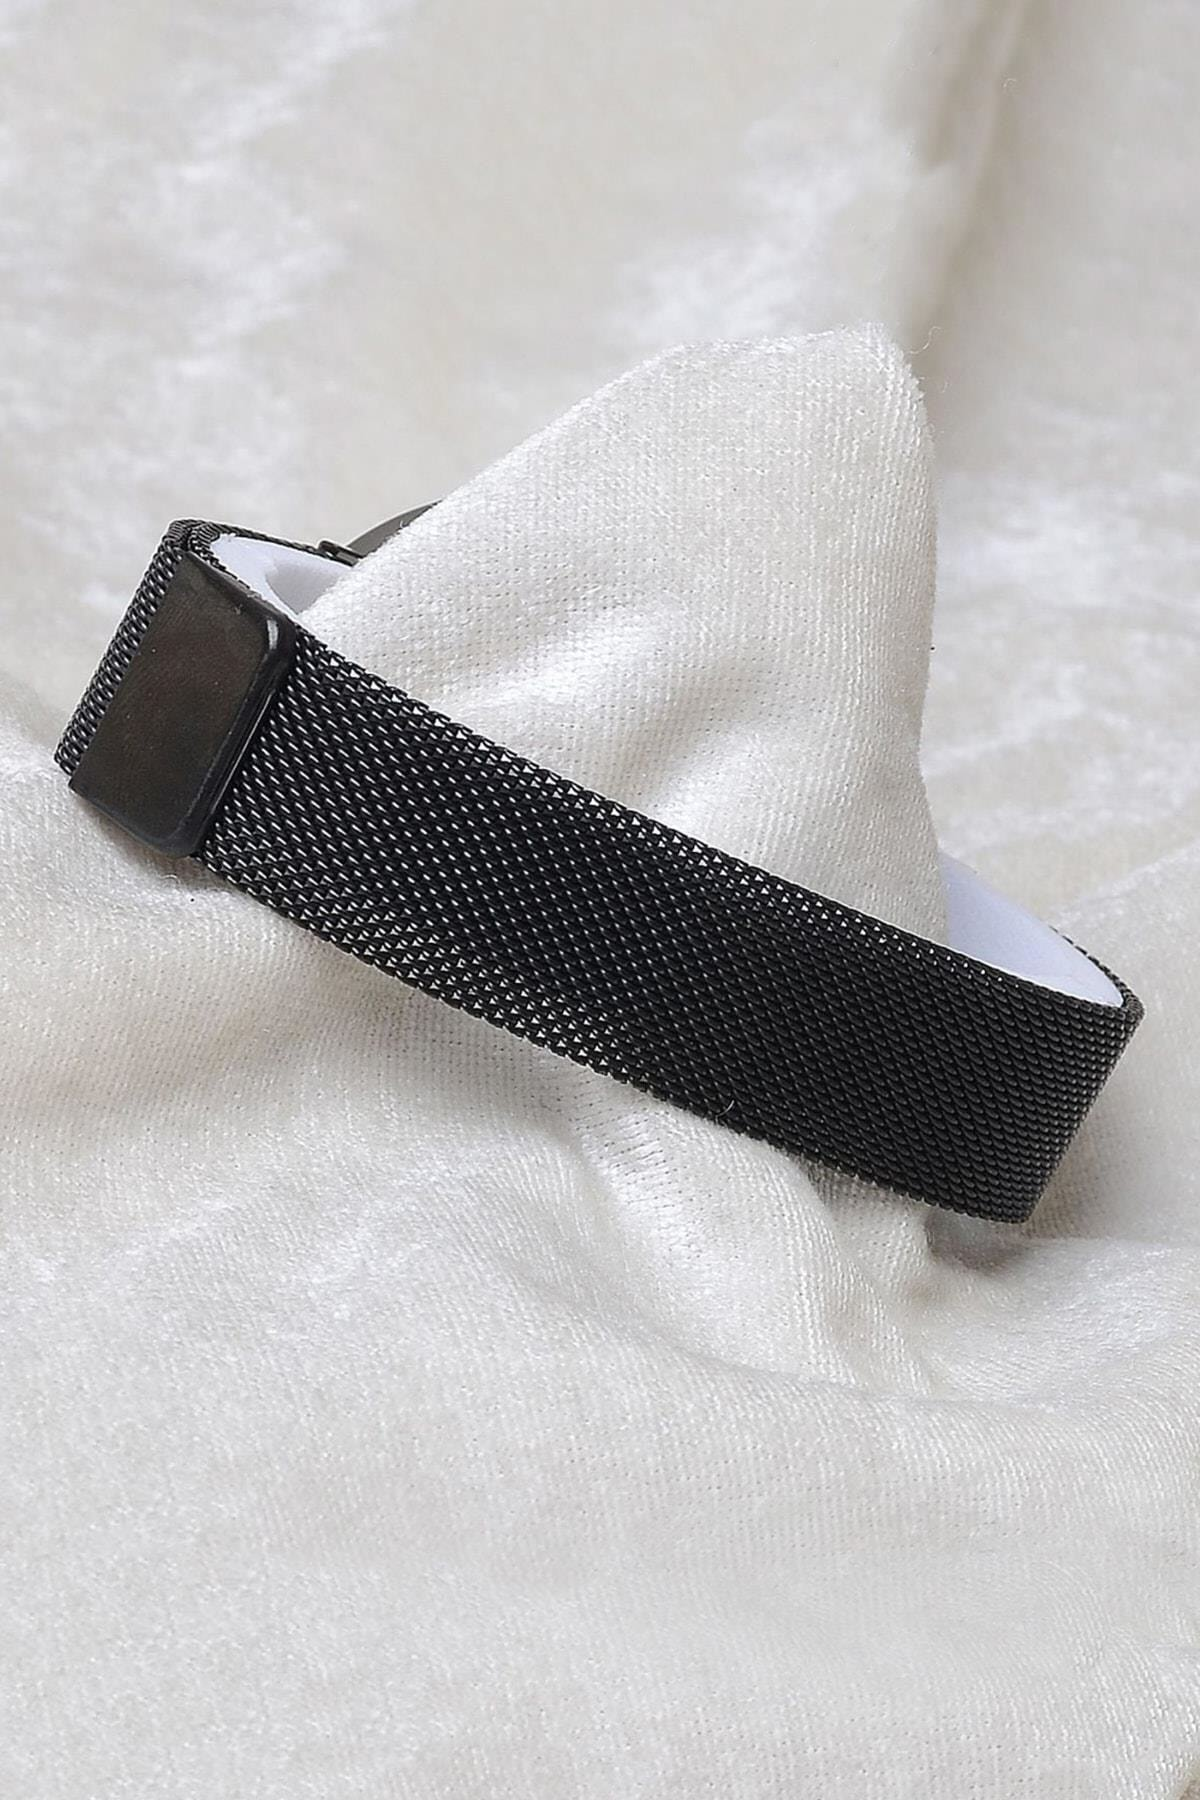 Spectrum Unisex Siyah Mıknatıslı Dokunmatik Kol Saati XT250131 2